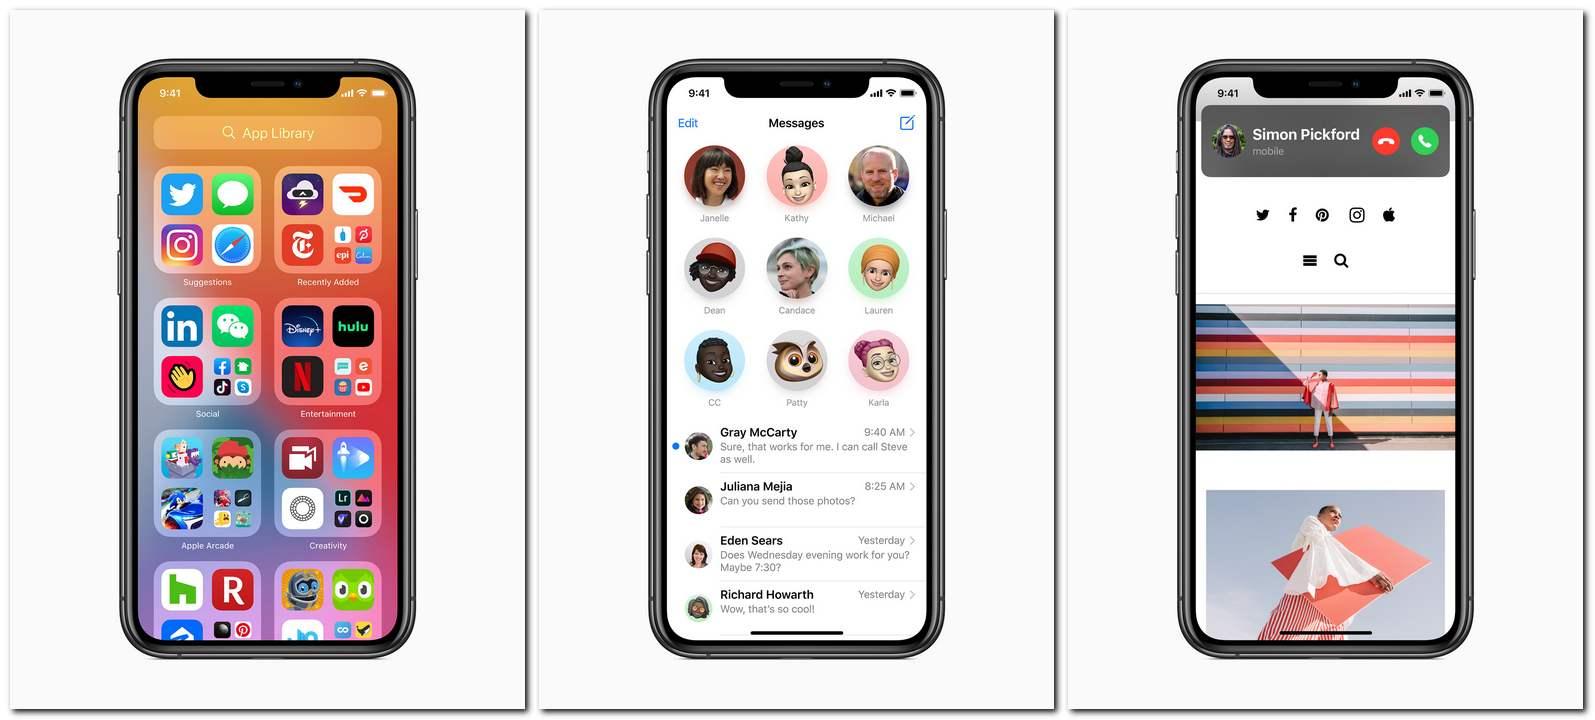 Apple iOS 14, iPadOS 14, watchOS 7, tvOS 14 pour commencer à déployer aujourd'hui: tout ce que vous devez savoir